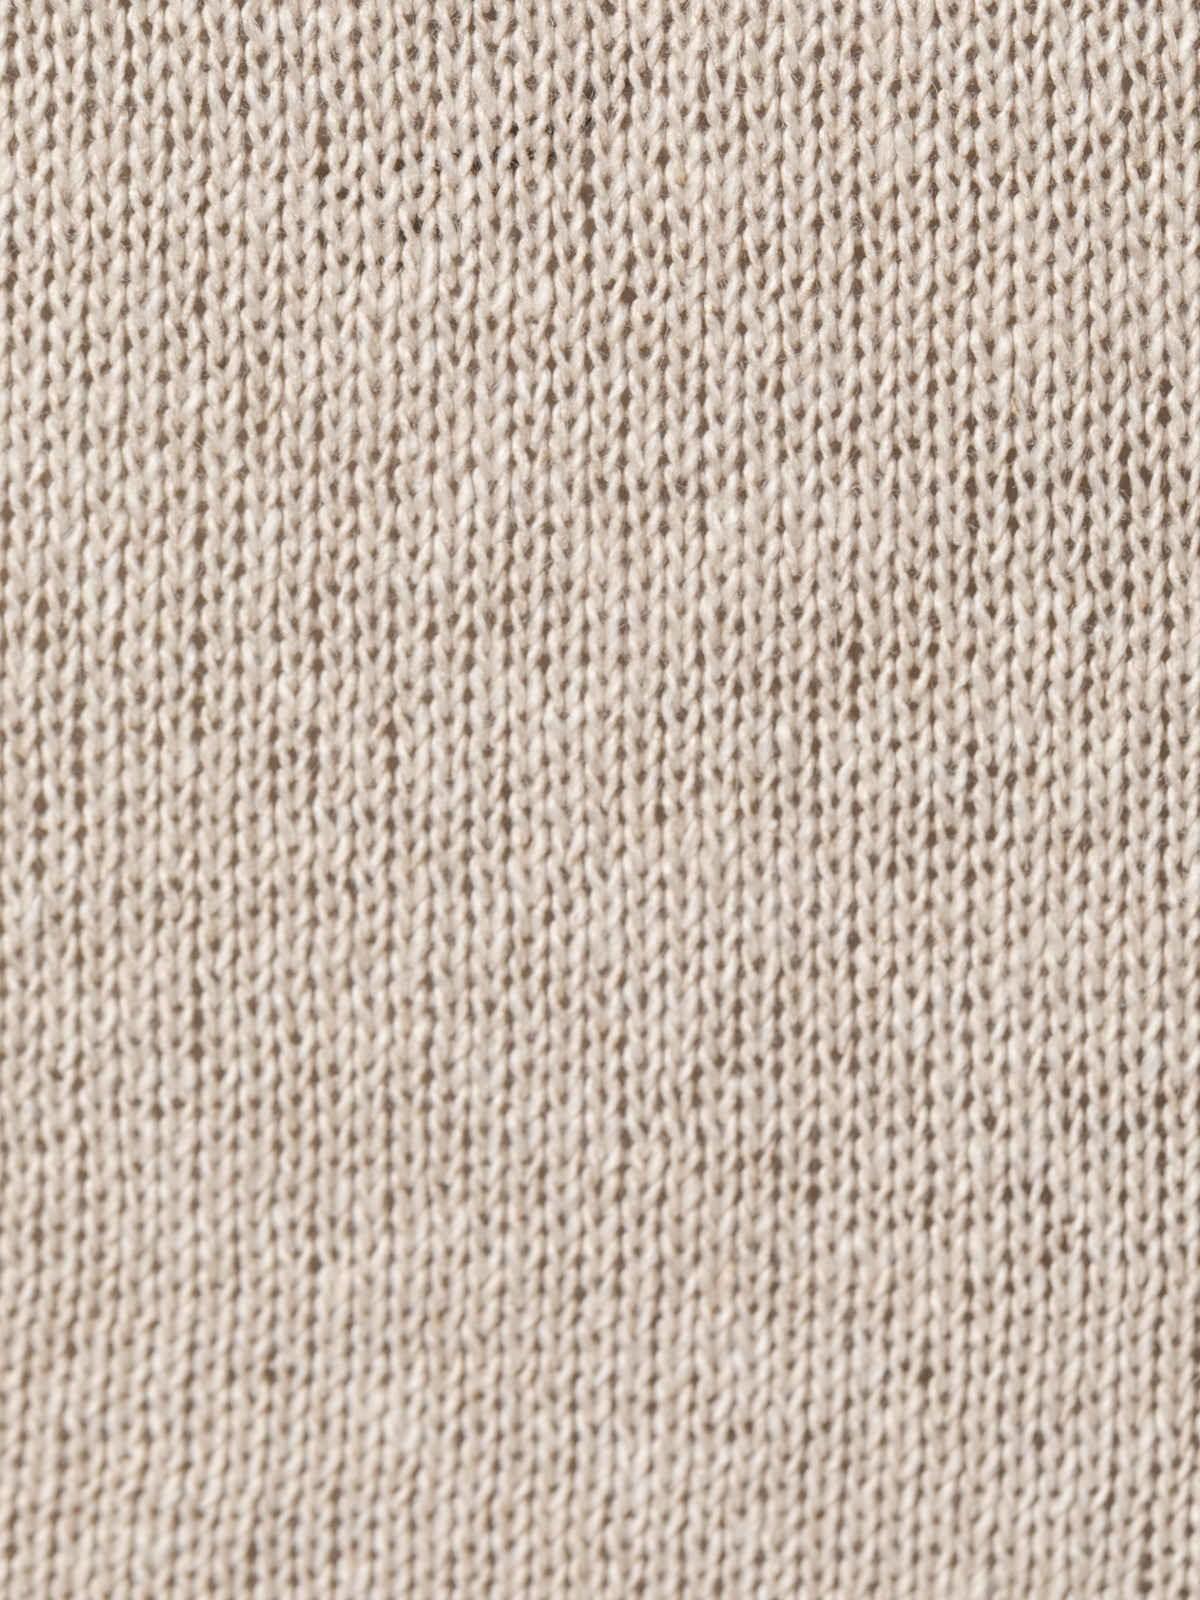 Chaqueta punto de mujer algodón Beige